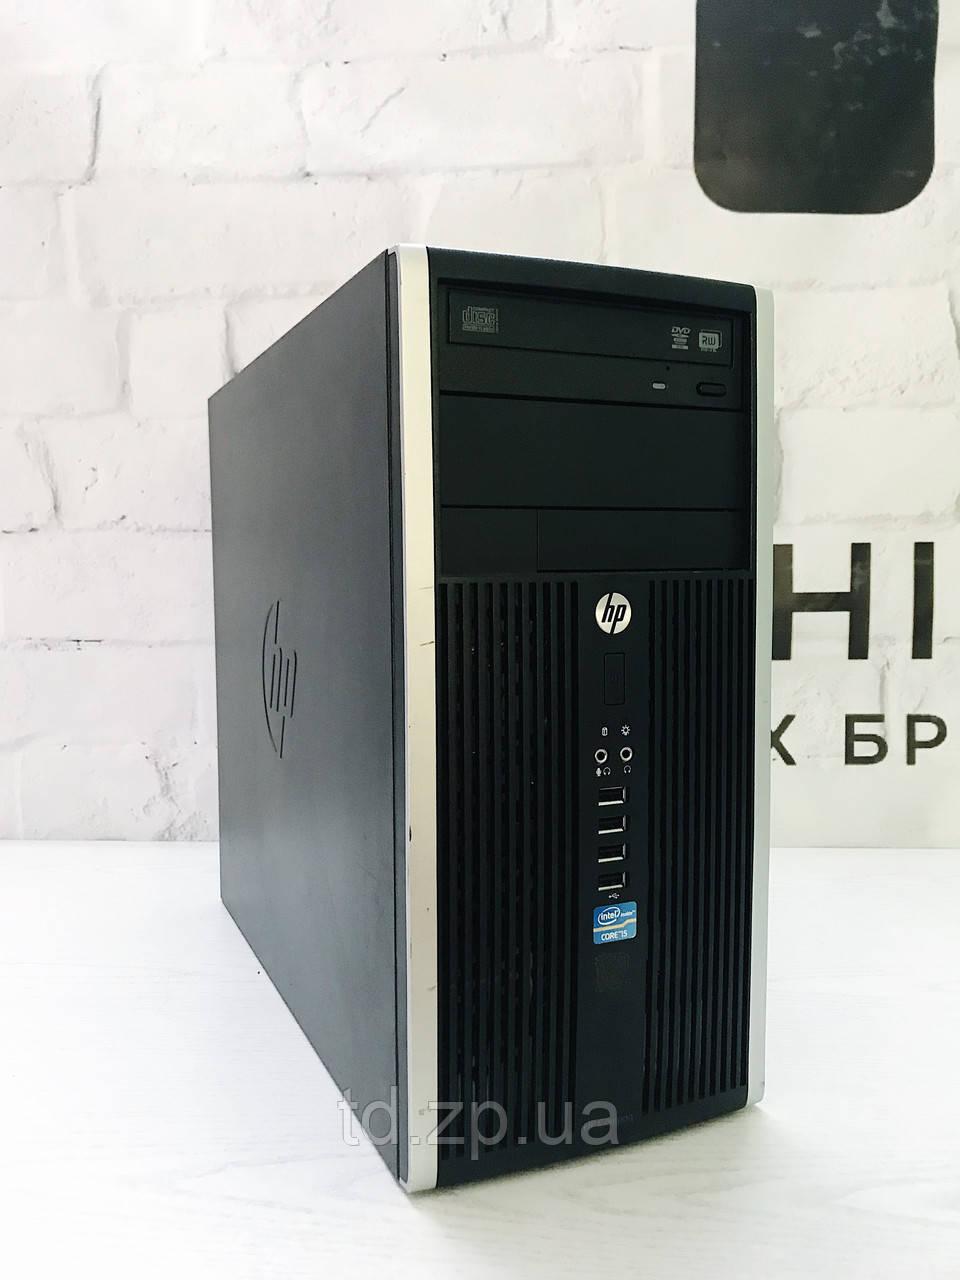 Системный блок HP Compaq 8200 Elite Intel Core i5-2400/4Gb DDR3/250Gb HDD/DVD